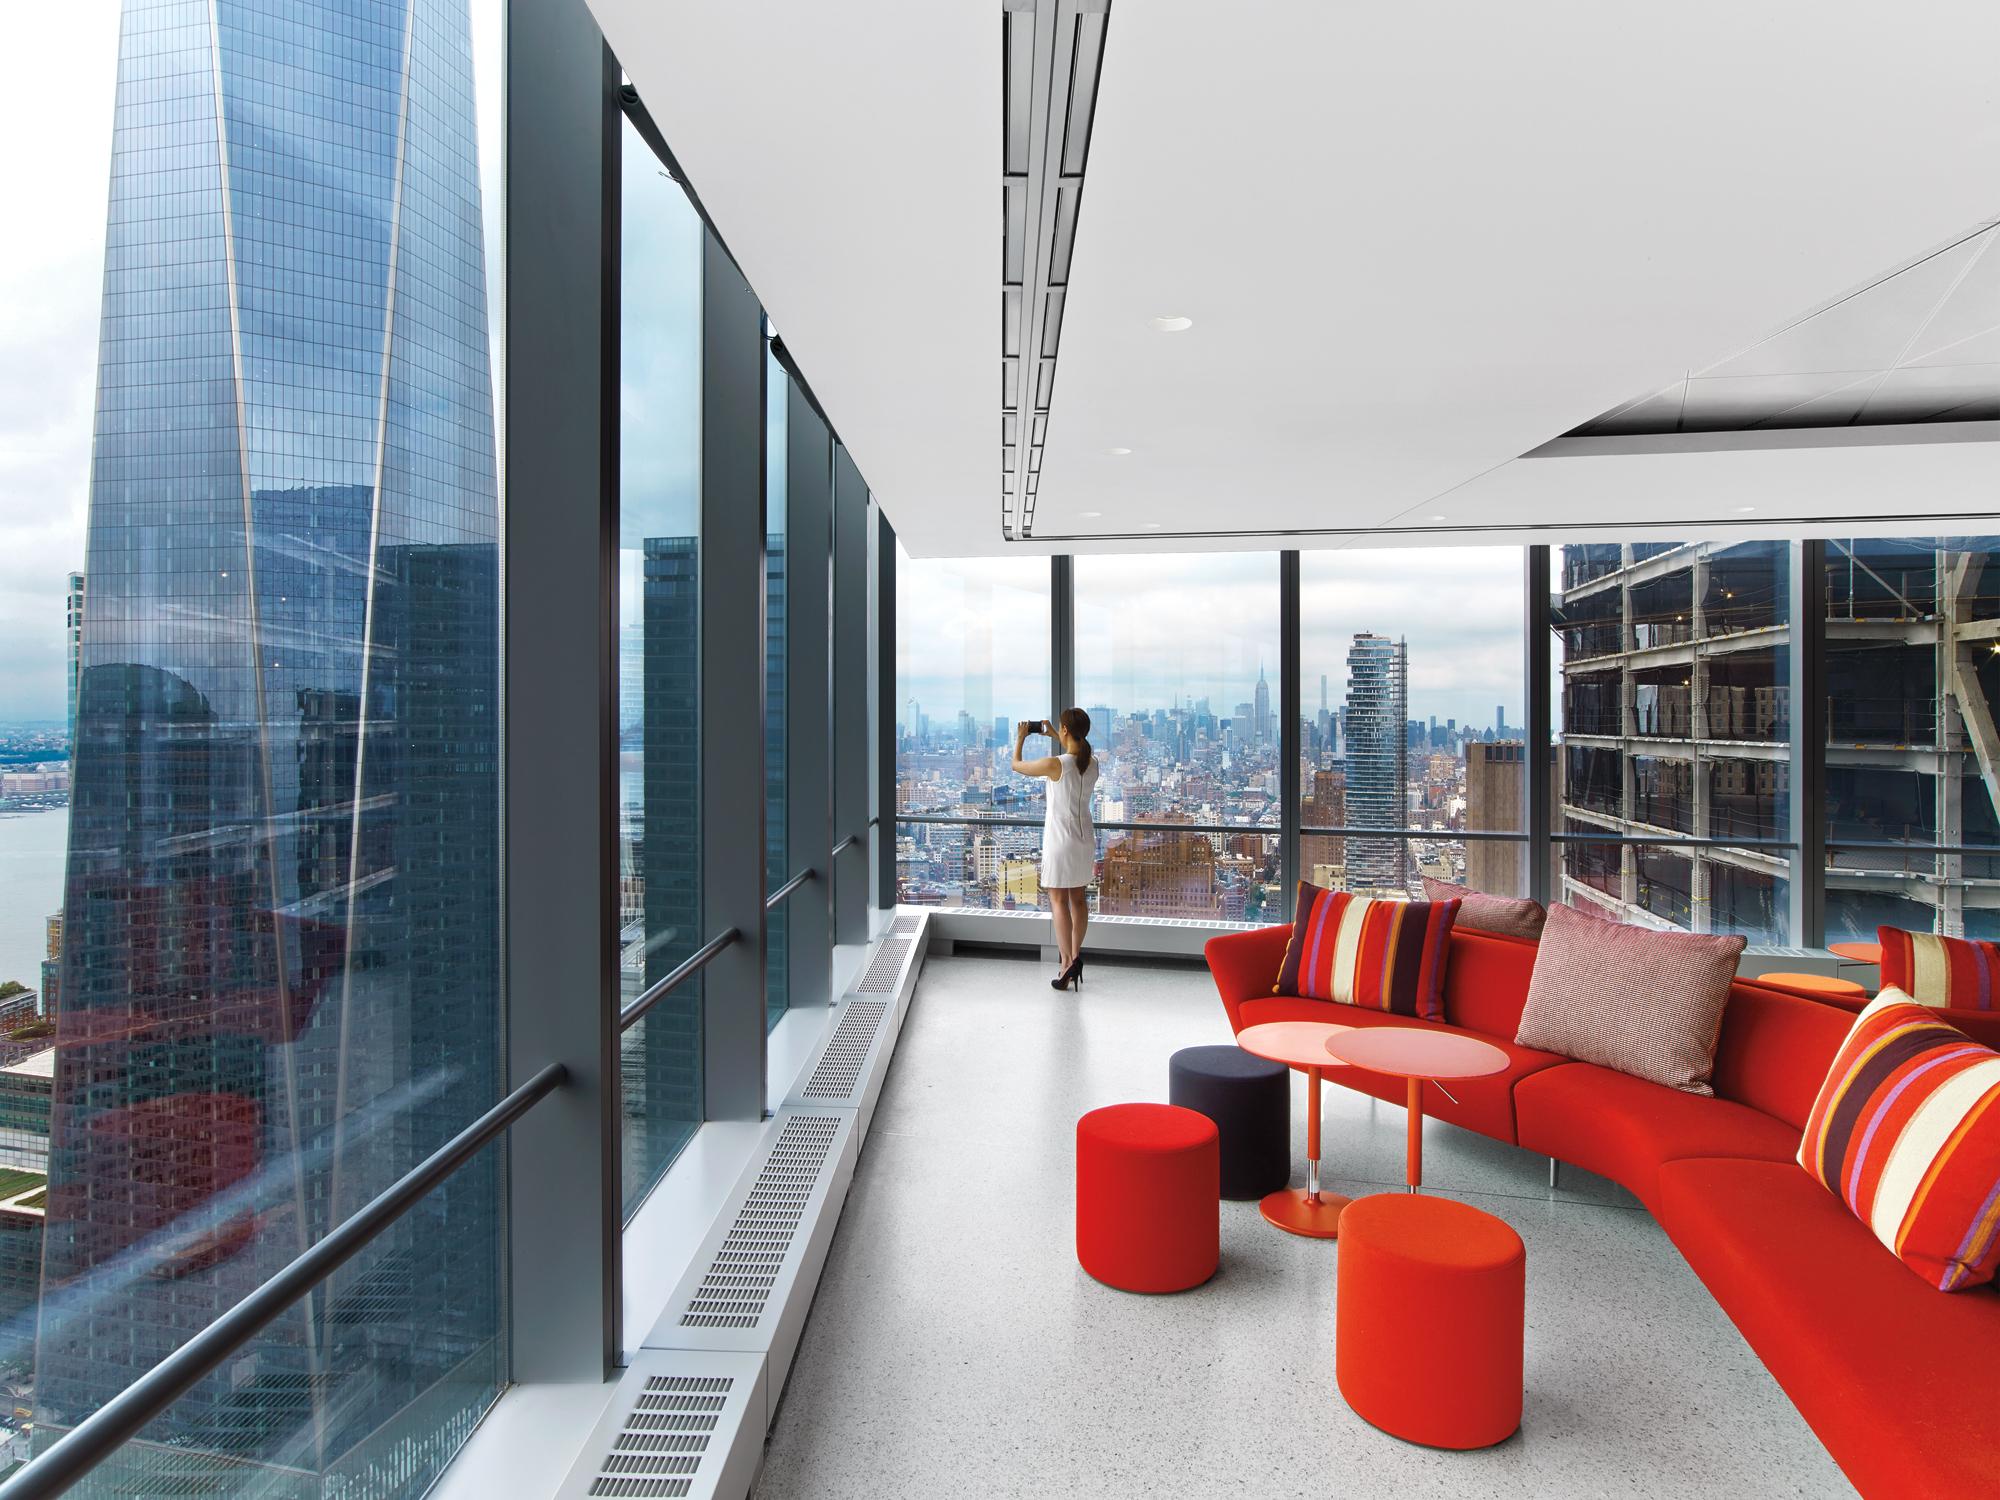 Os clientes podem acessar áreas informais que incluem Wi-Fi, um café, sofás de alto apoio, cadeiras em torno de mesas de café, um auditório semi-fechado e vistas espectaculares do One World Trade Center e da cidade.